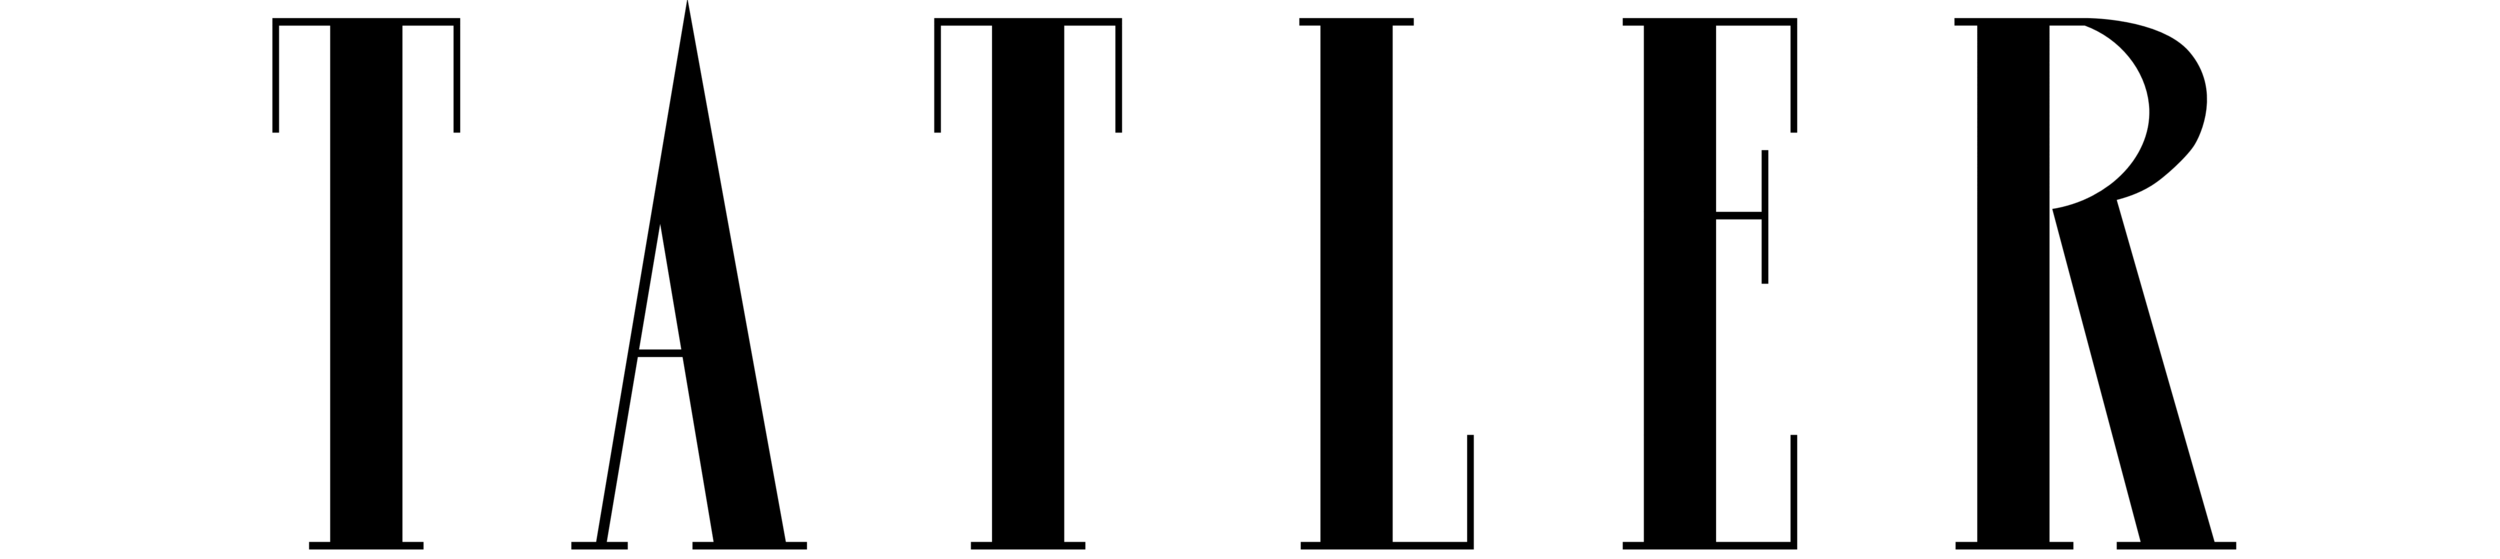 Tatler_logo_logo.png